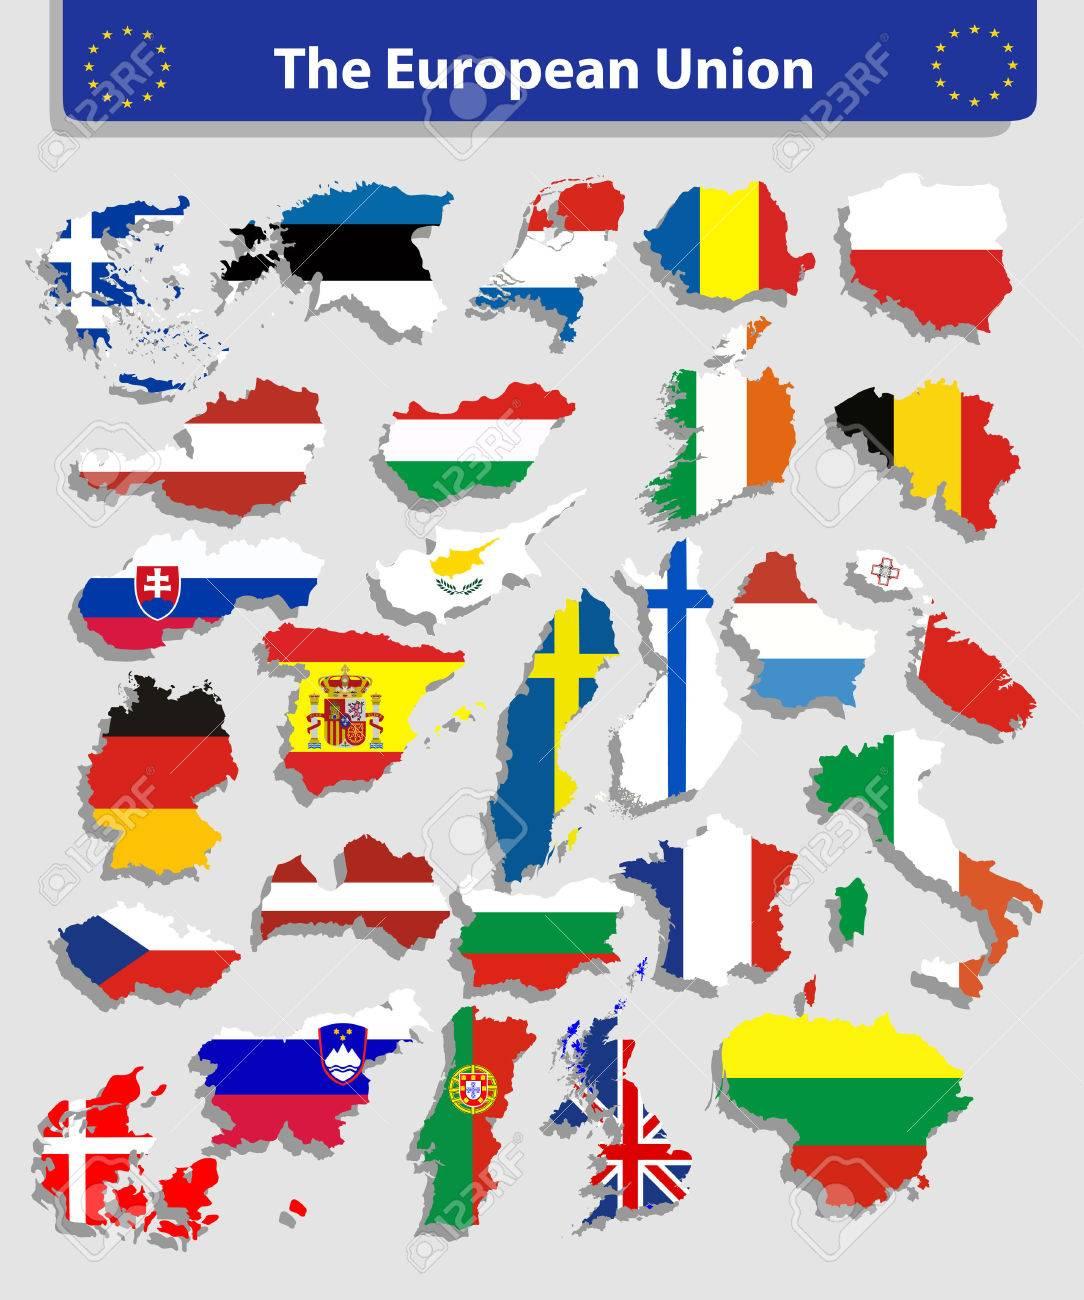 La Carte De L'union Européenne Et Tous Les Pays Drapeaux Des Pays Membres  De L'union Européenne Superposées Sur Fond De Carte à Carte Pays Union Européenne